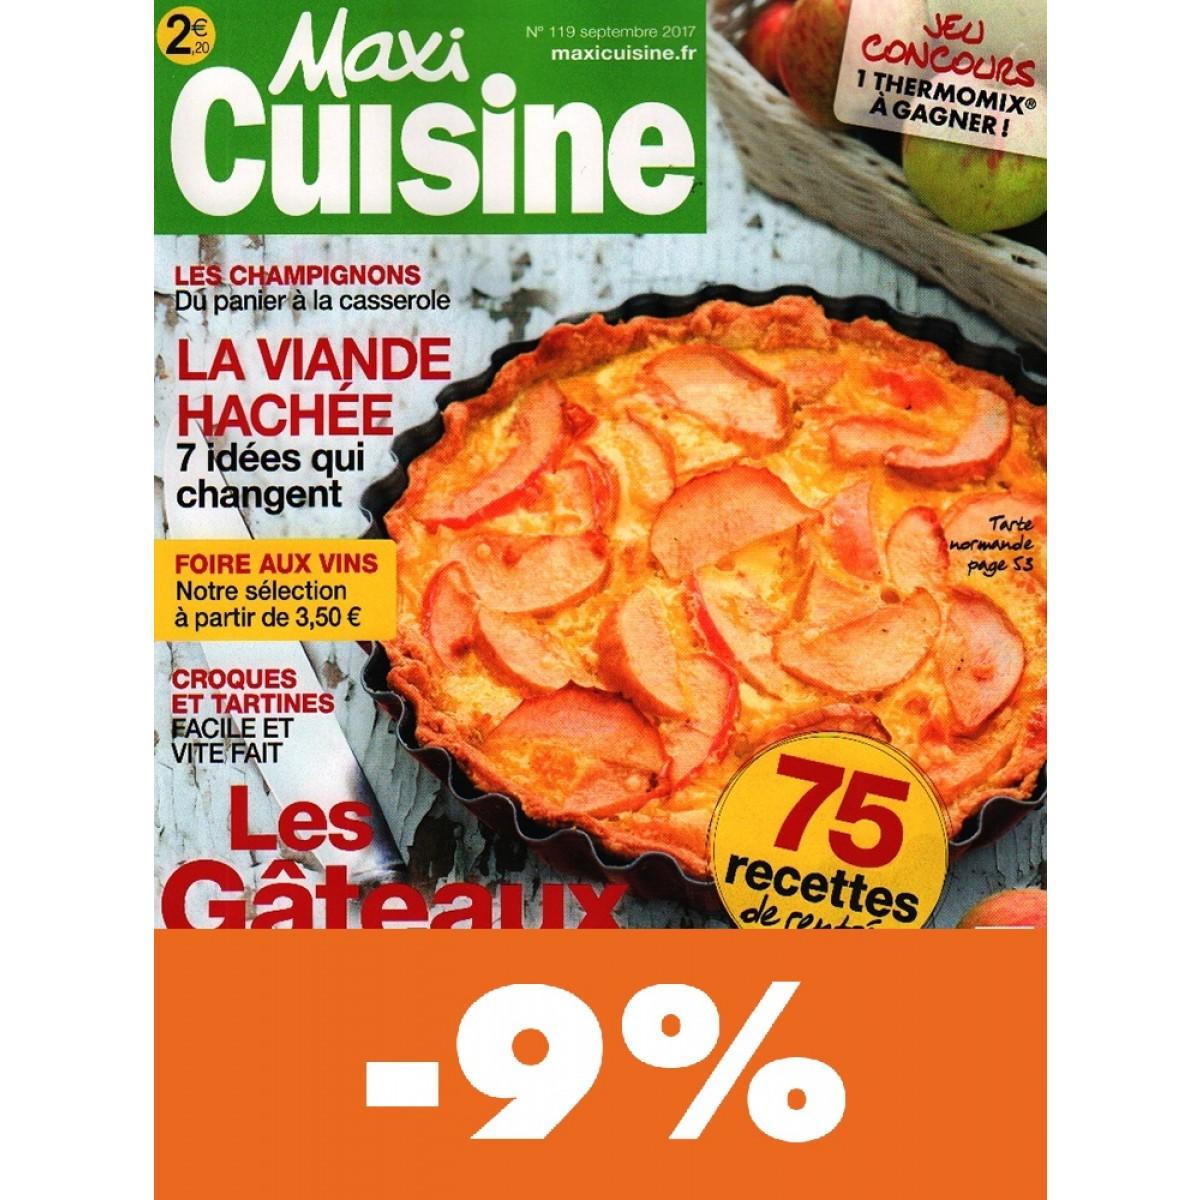 Abonnement maxi cuisine pas cher mag24 discount - Abonnement magazine maxi cuisine ...